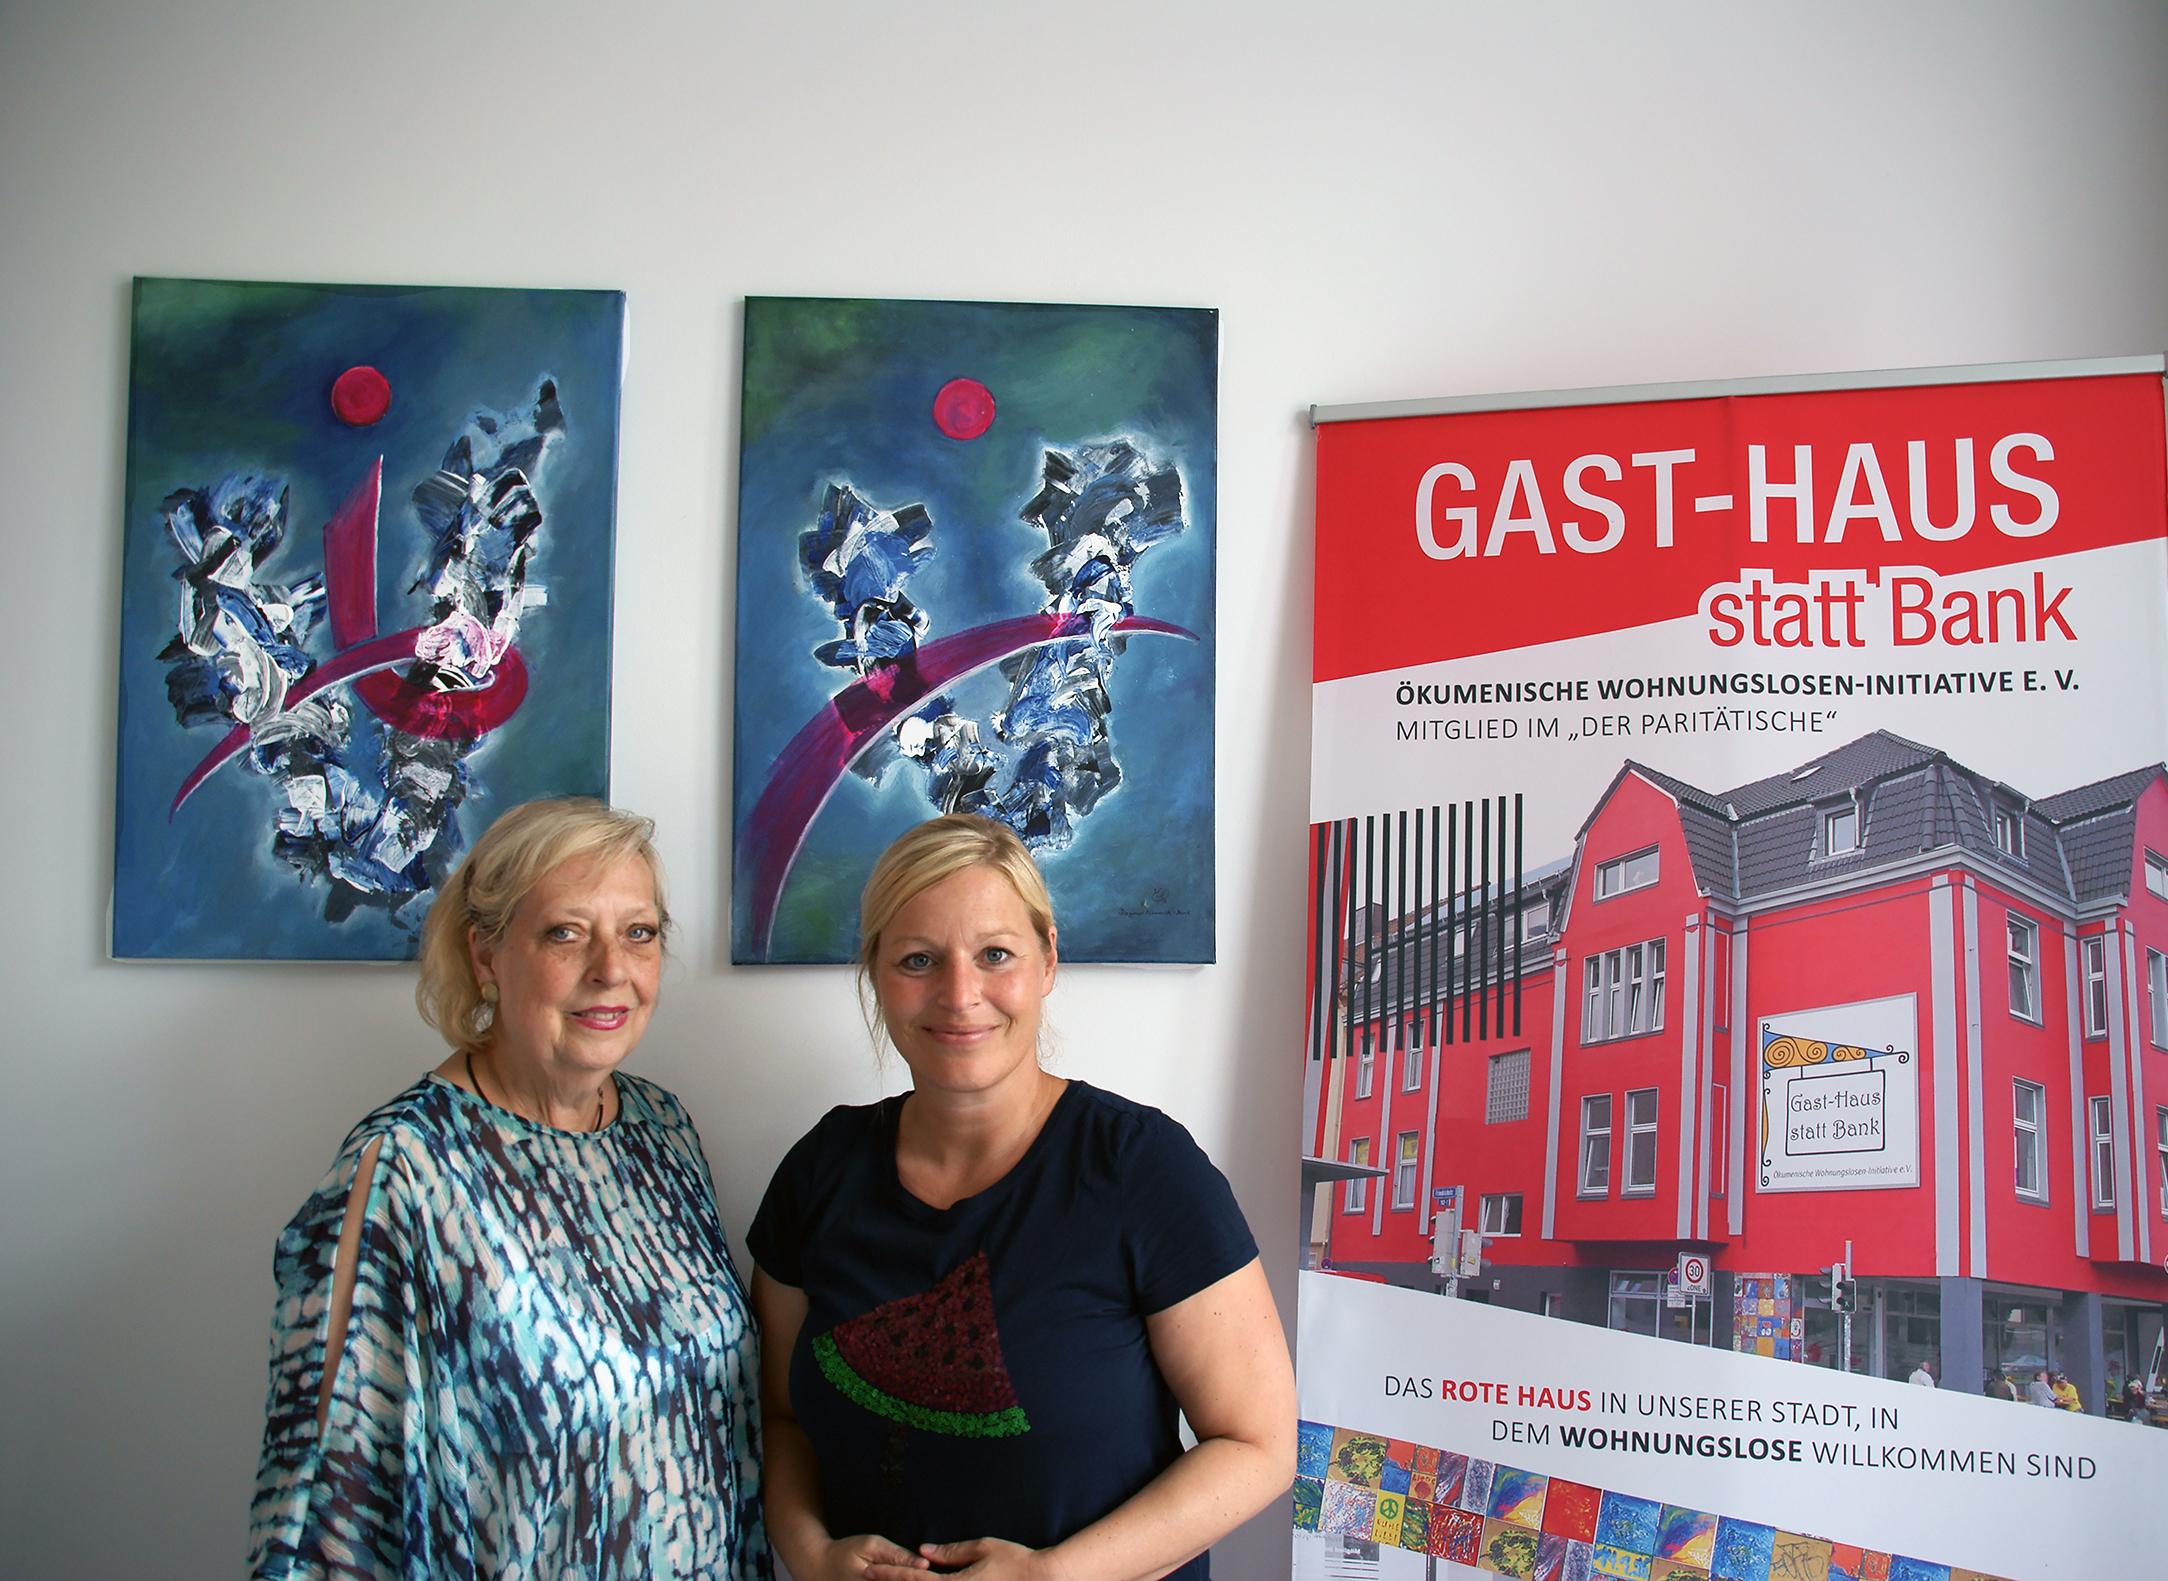 Freude über die gespendeten Bilder: links Dagmar Schnecke-Bend (Künstlerin) und rechts Katrin Lauterborn (Geschäftsführerin Gast-Haus e.V.), Foto: Rüdiger Beck